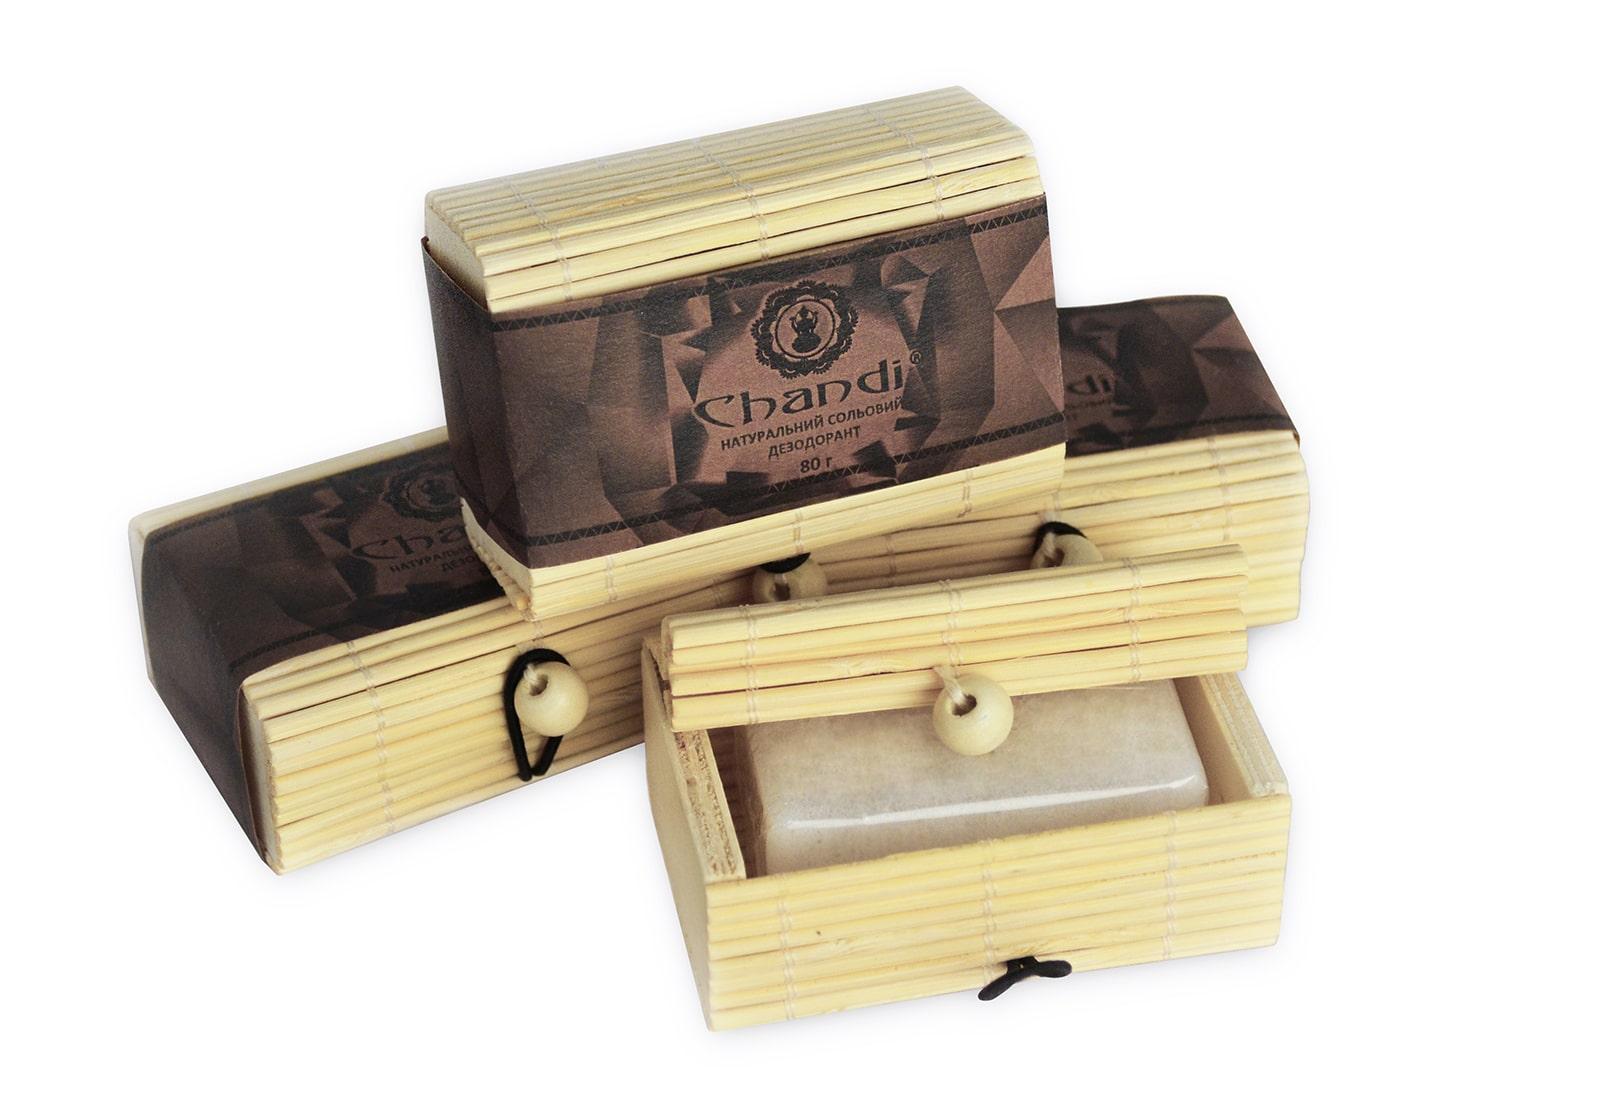 Фото Натуральный солевой дезодорант Chandi в бамбуковой коробке 80 г